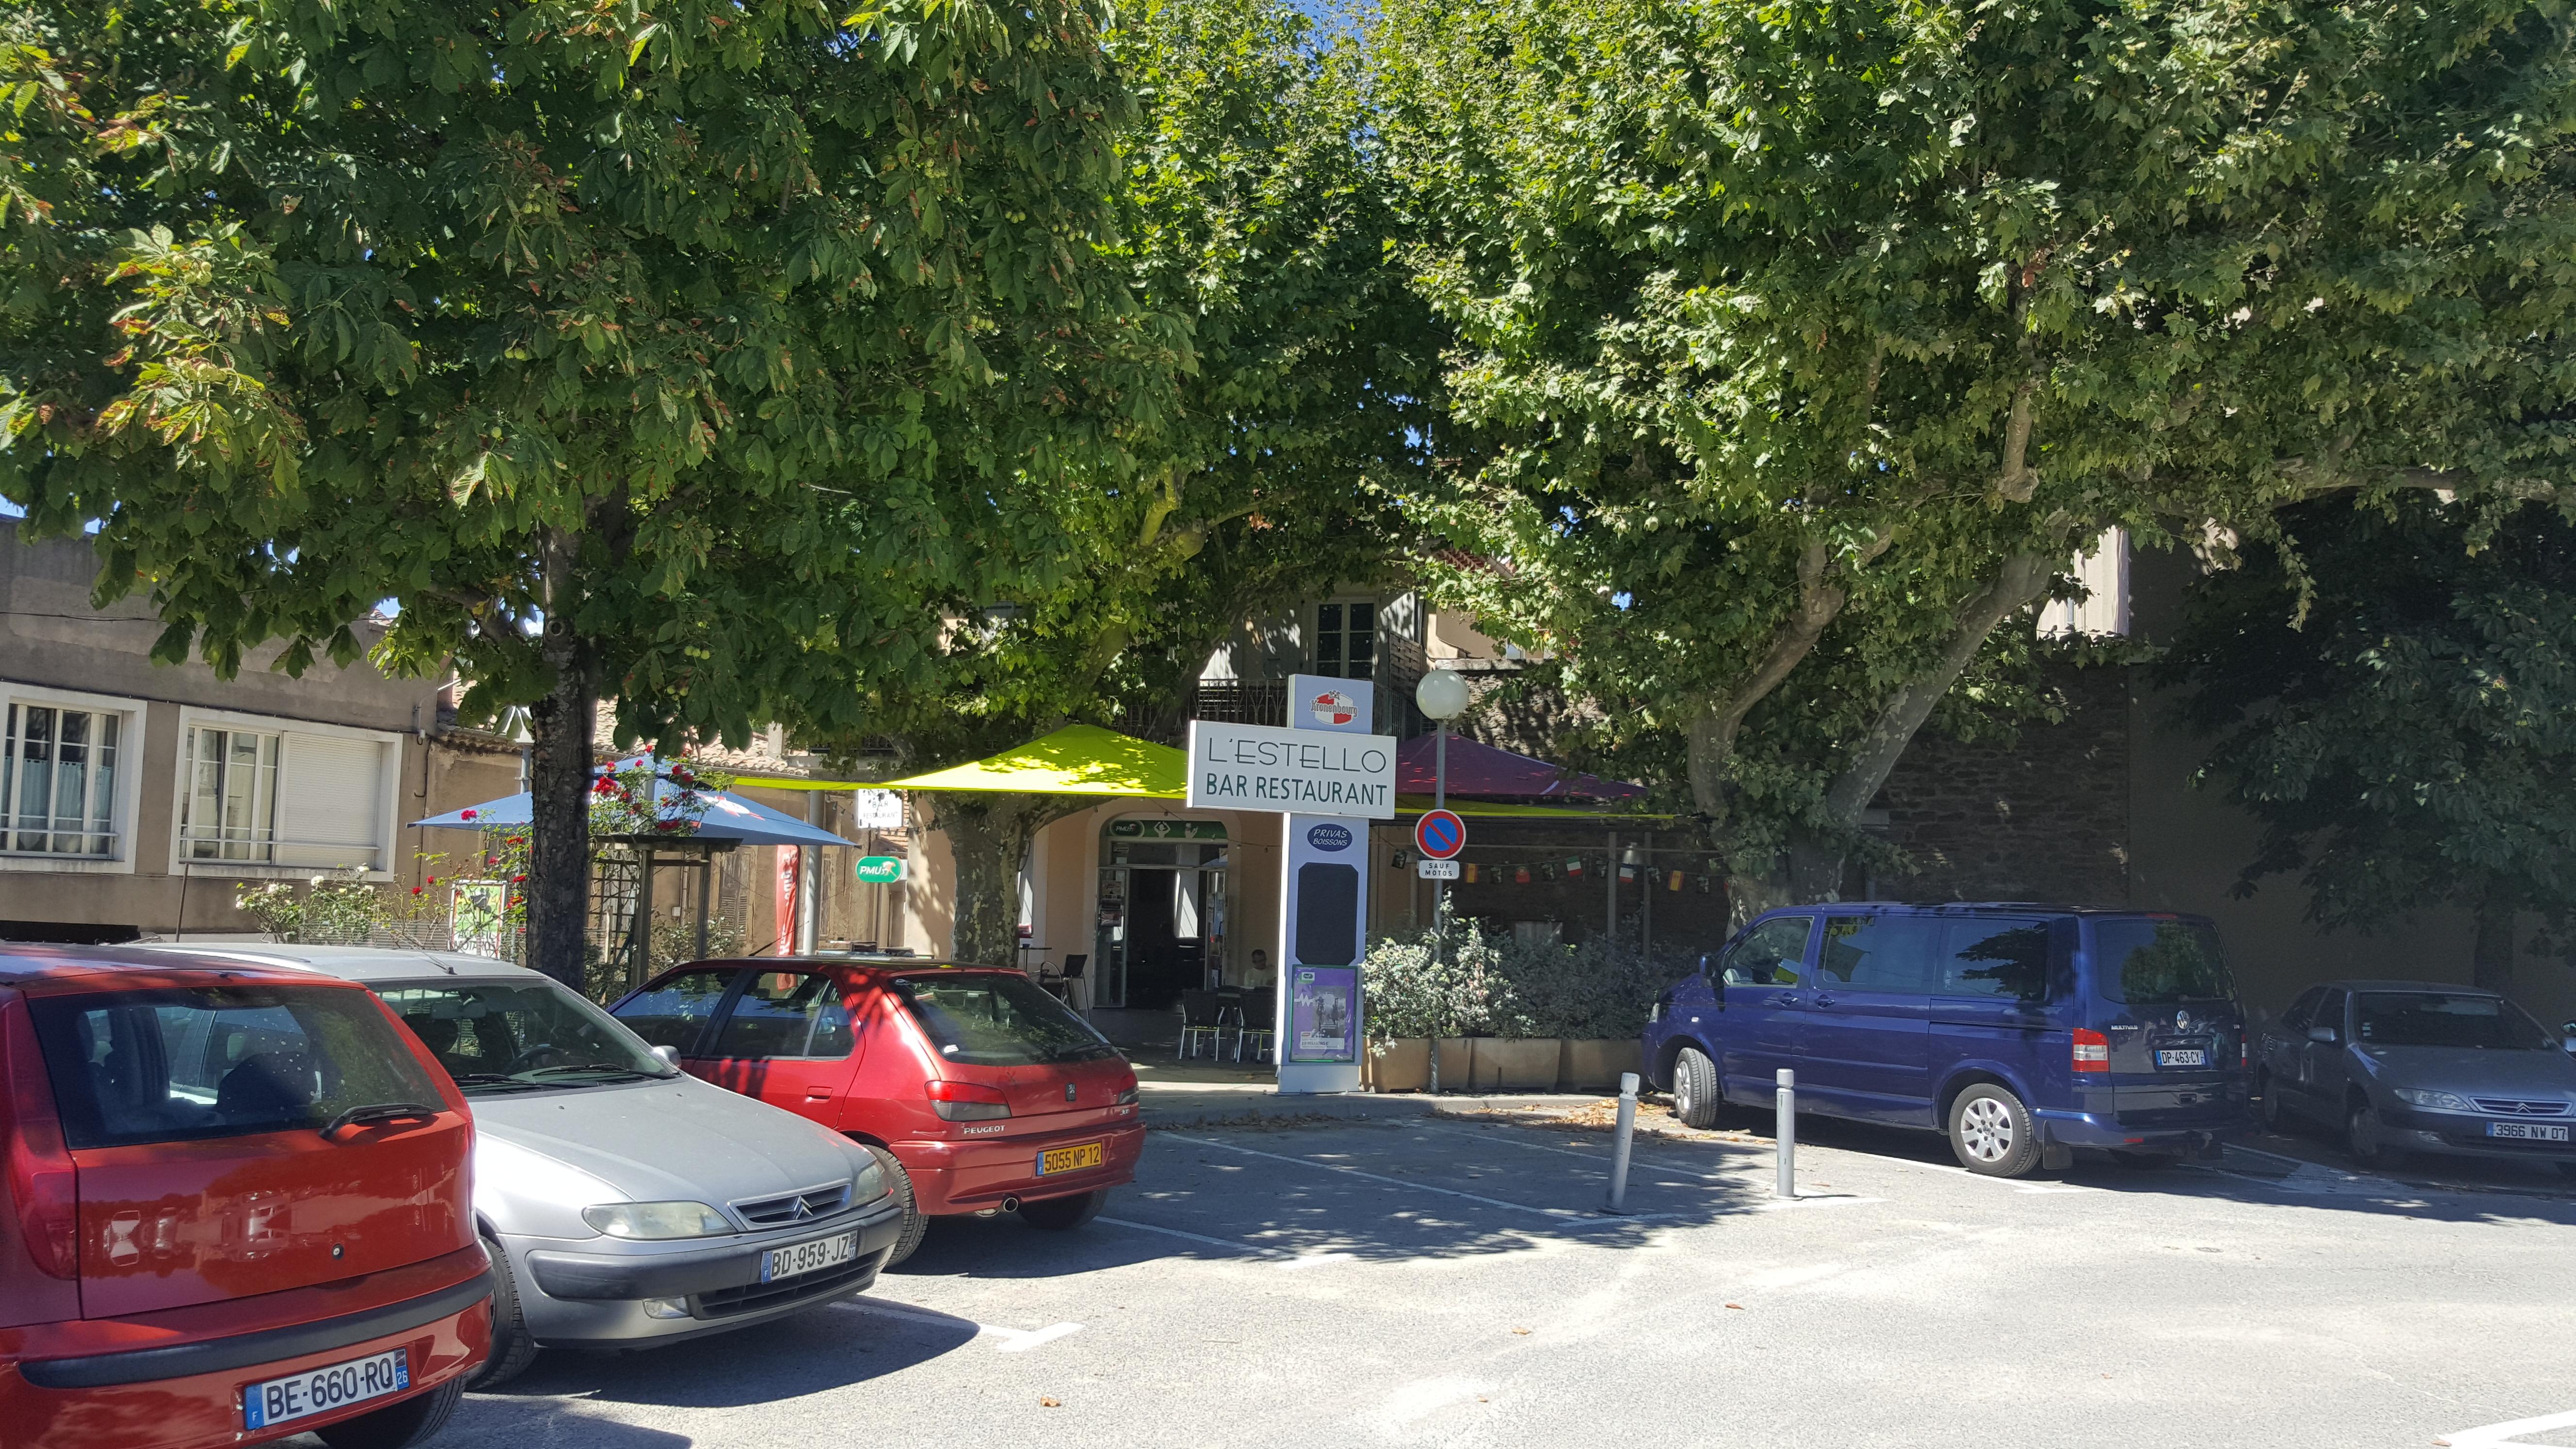 Les restaurants à Privas : L'Estello